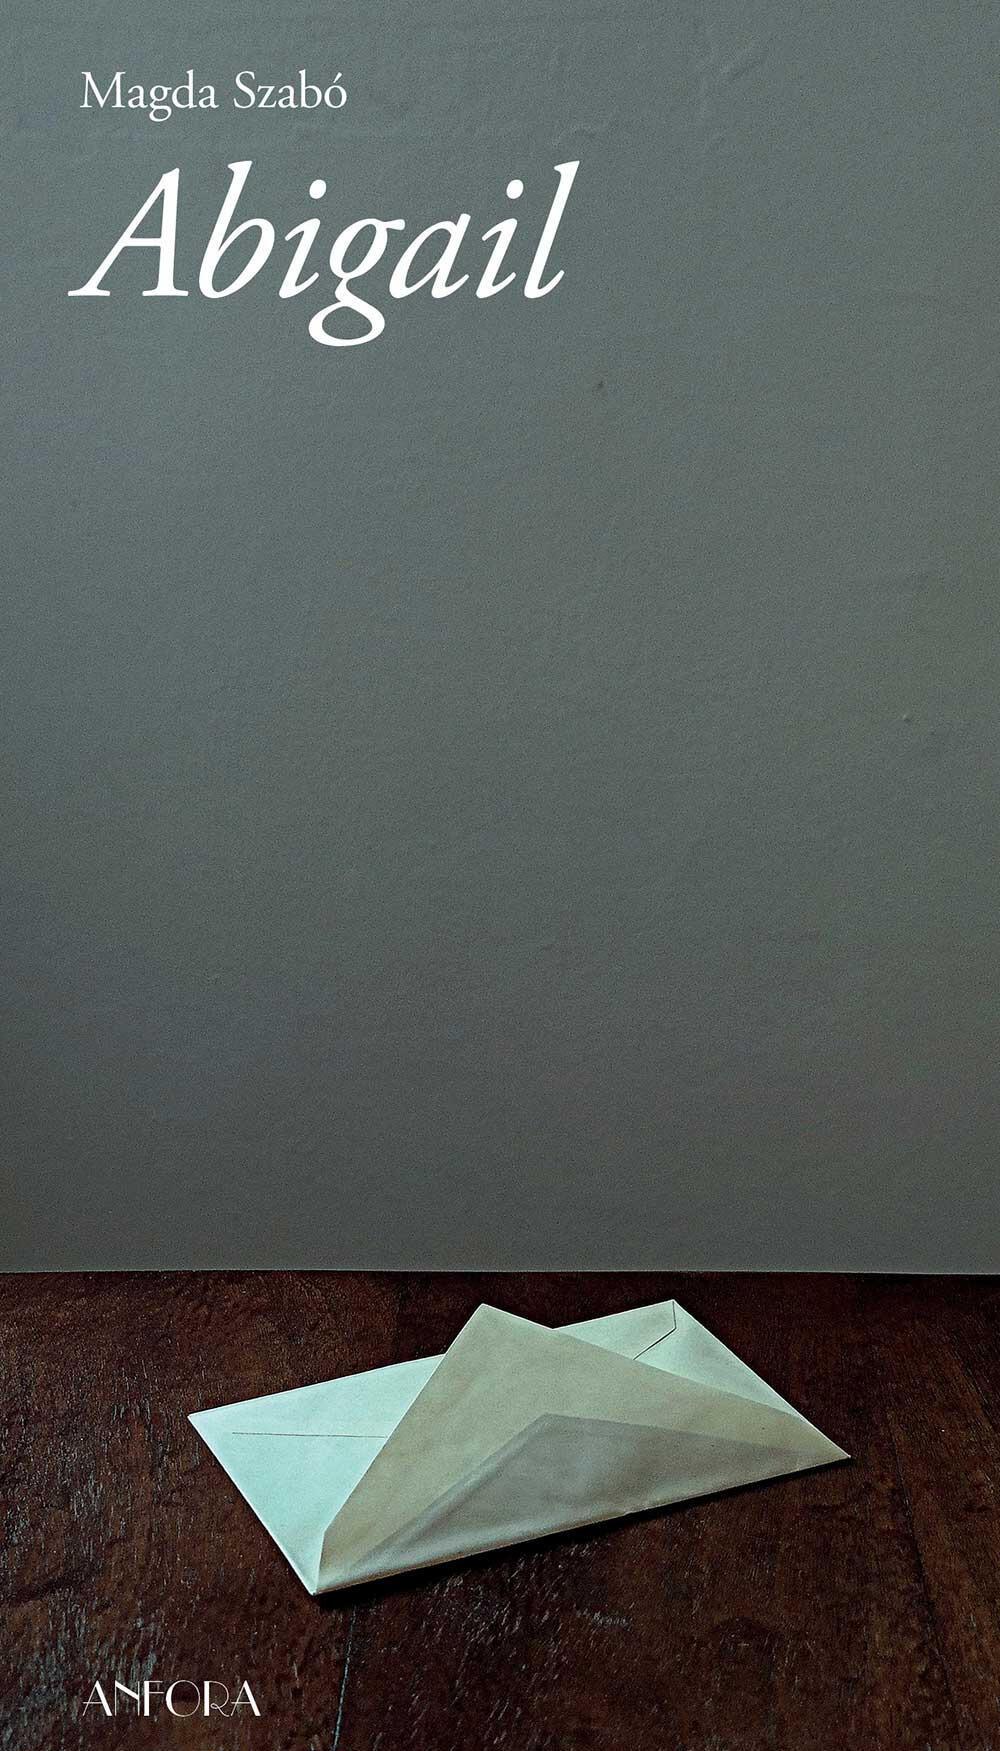 Risultati immagini per ABIGAIL (ABIGÉL) DI MAGDA SZABÓ